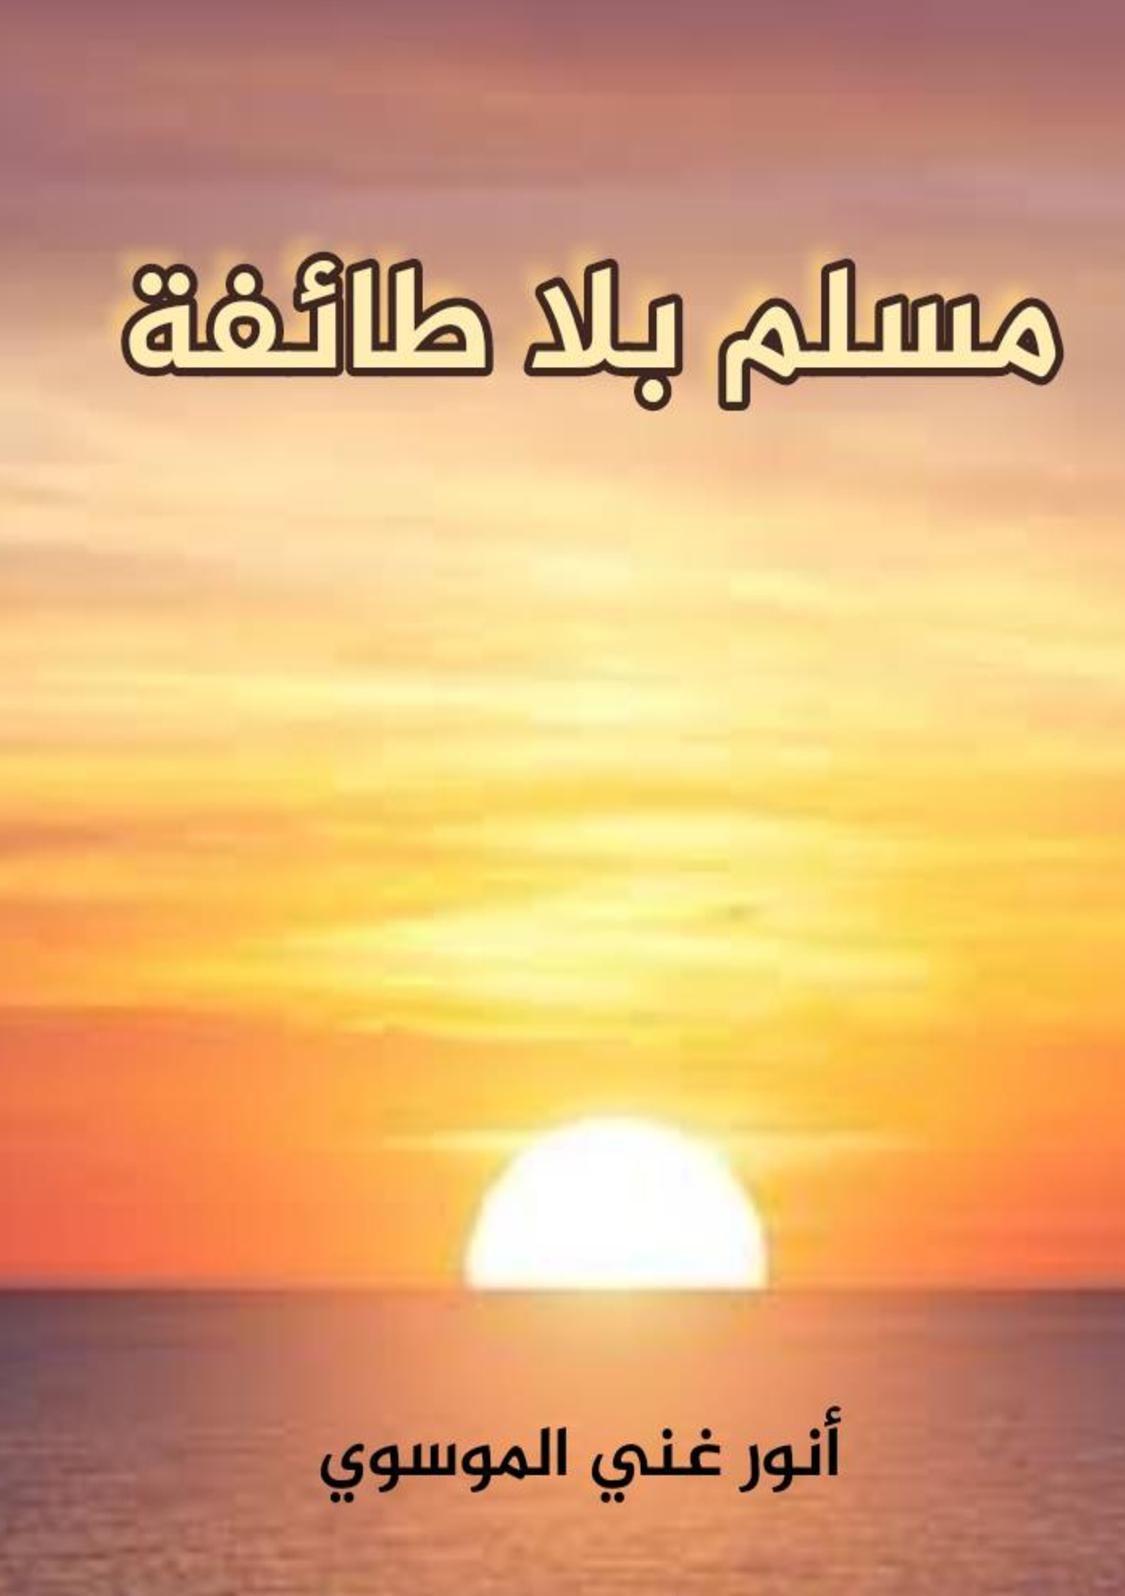 مسلم بلا طائفة Lockscreen Books Lockscreen Screenshot